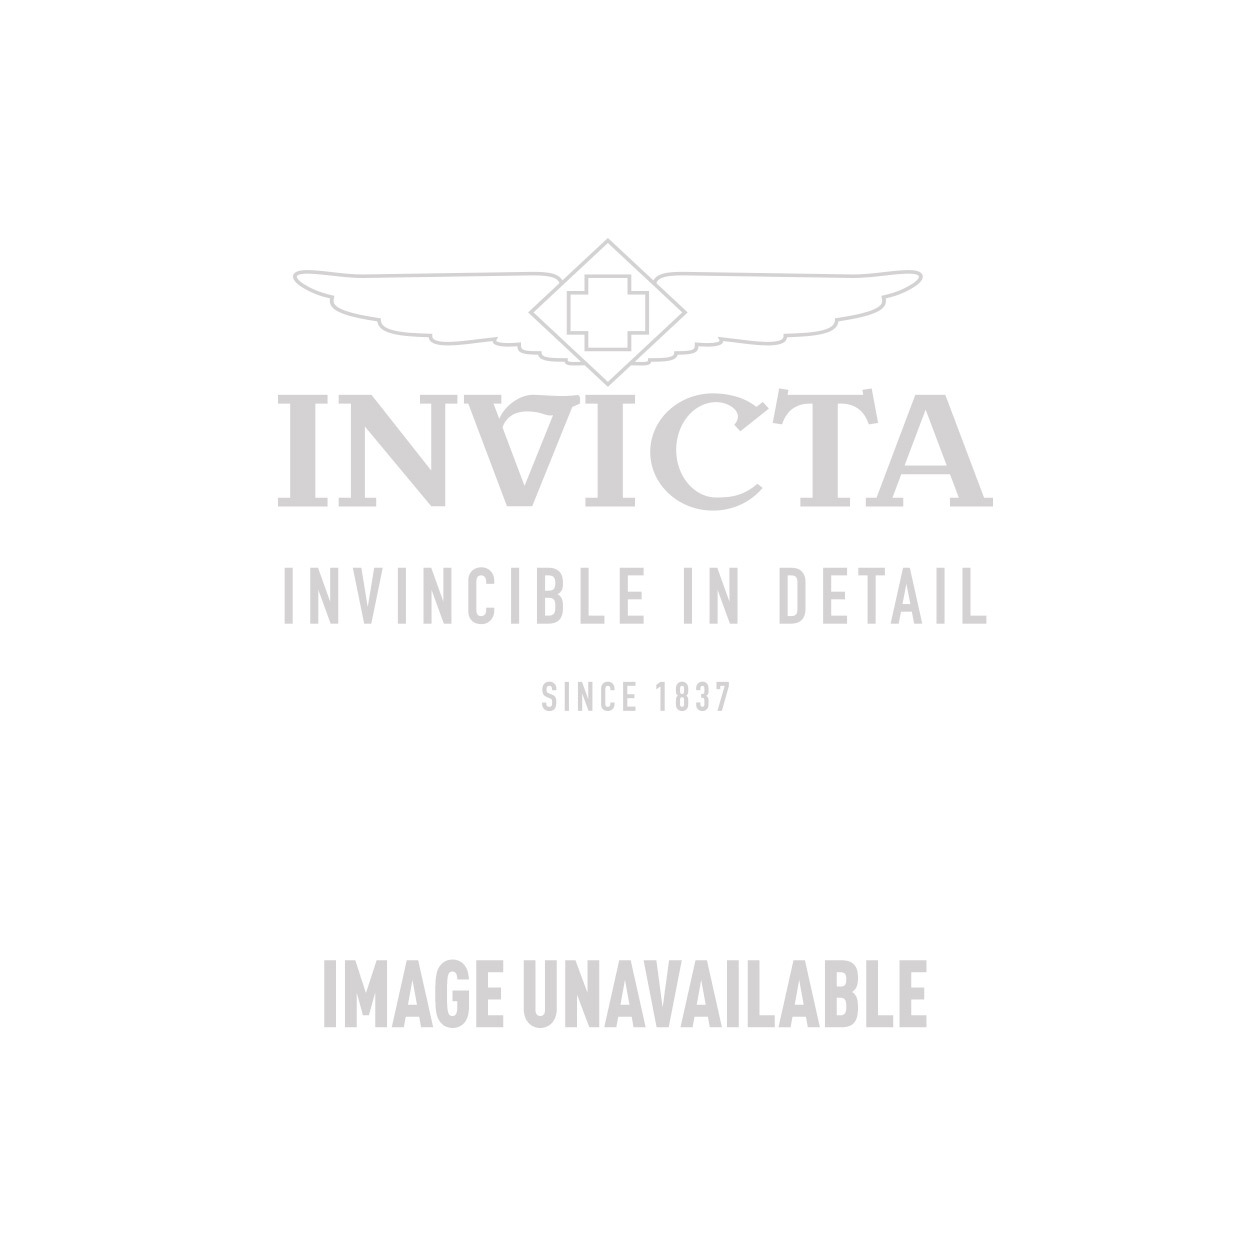 Invicta Model 25276